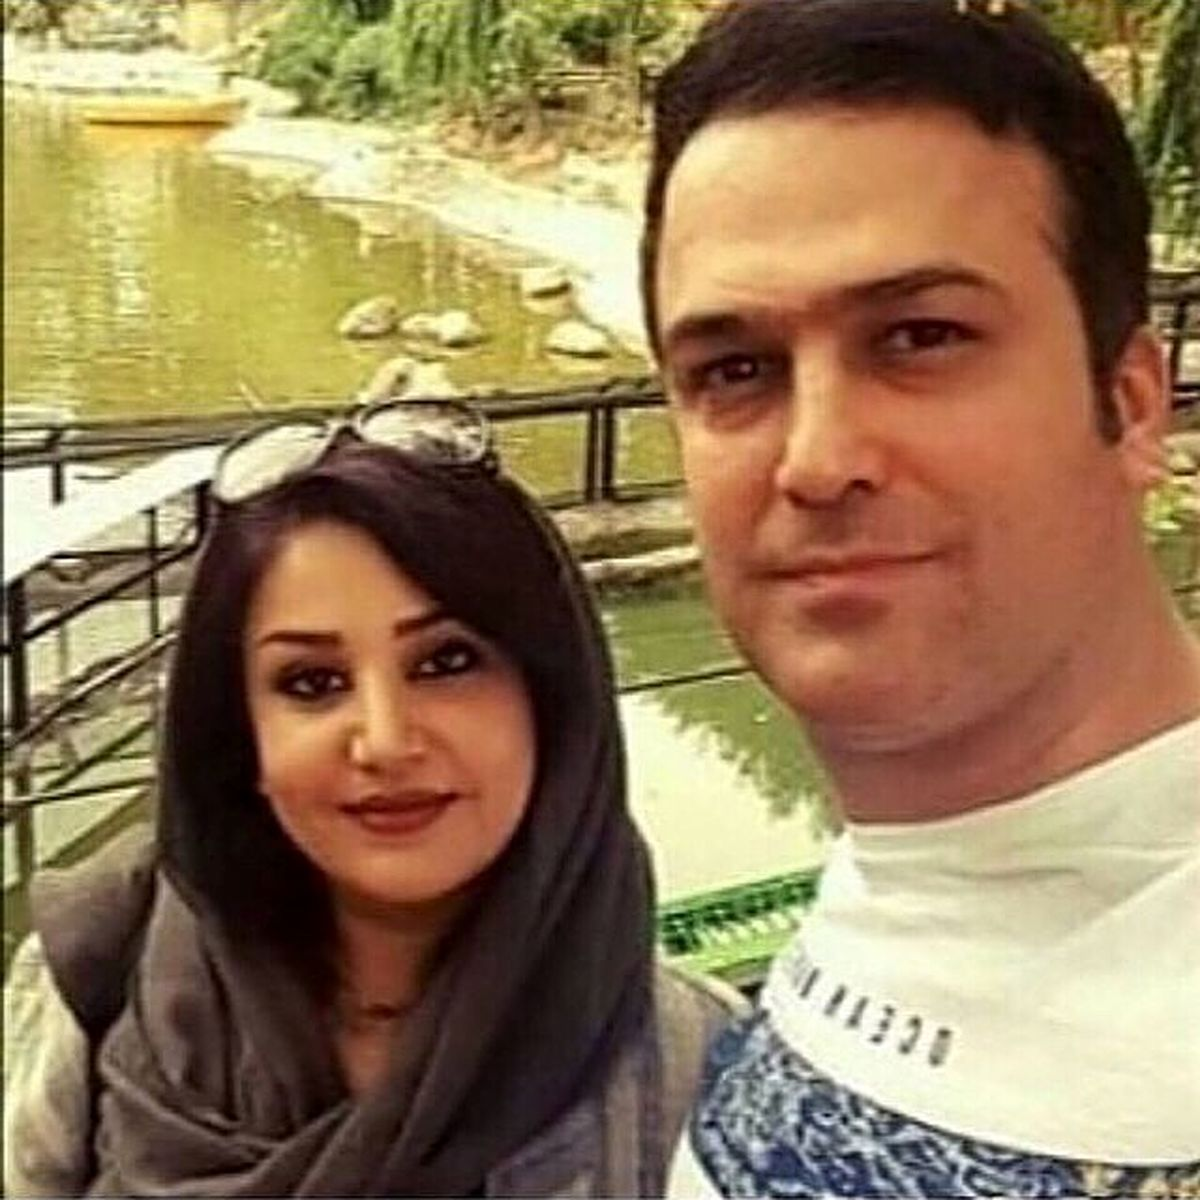 گشت و گذار حامد آهنگی و همسرش در طبیت +عکس